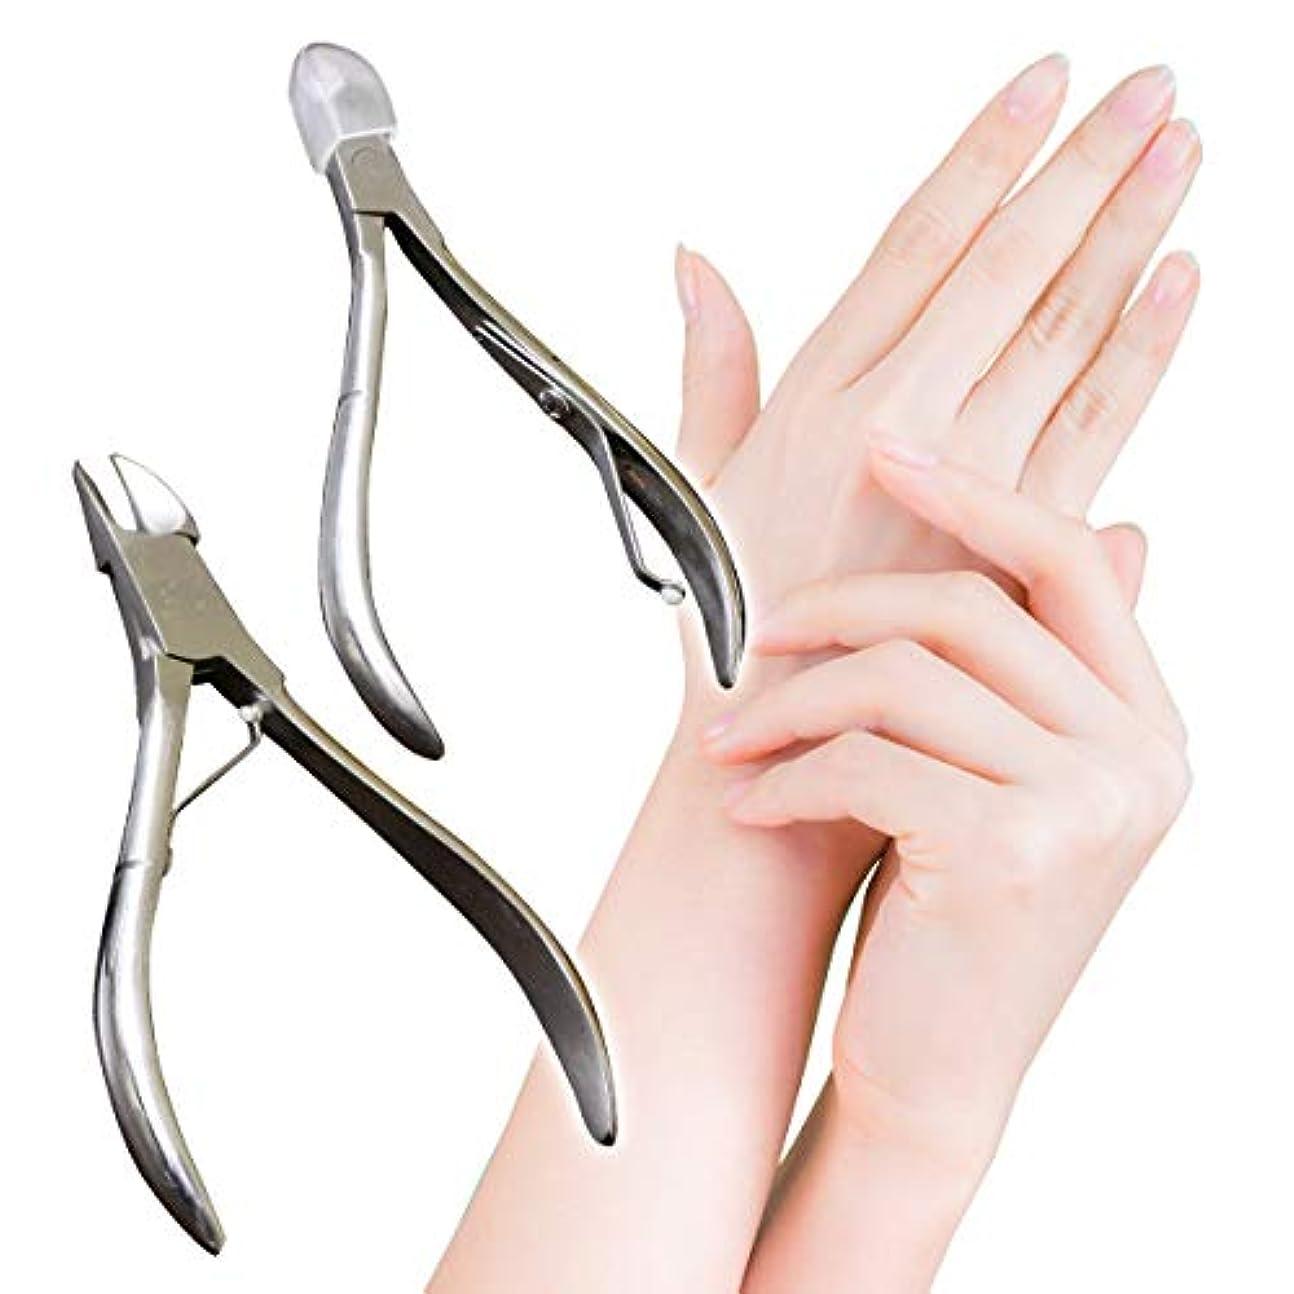 反応するはげリア王「爪切り 大小2本セット」ネイルニッパー ステンレス製 割れ爪 巻き爪 陥入爪 2枚爪 厚い爪 足用 ささくれ 左右両用 ネイルケア 大小